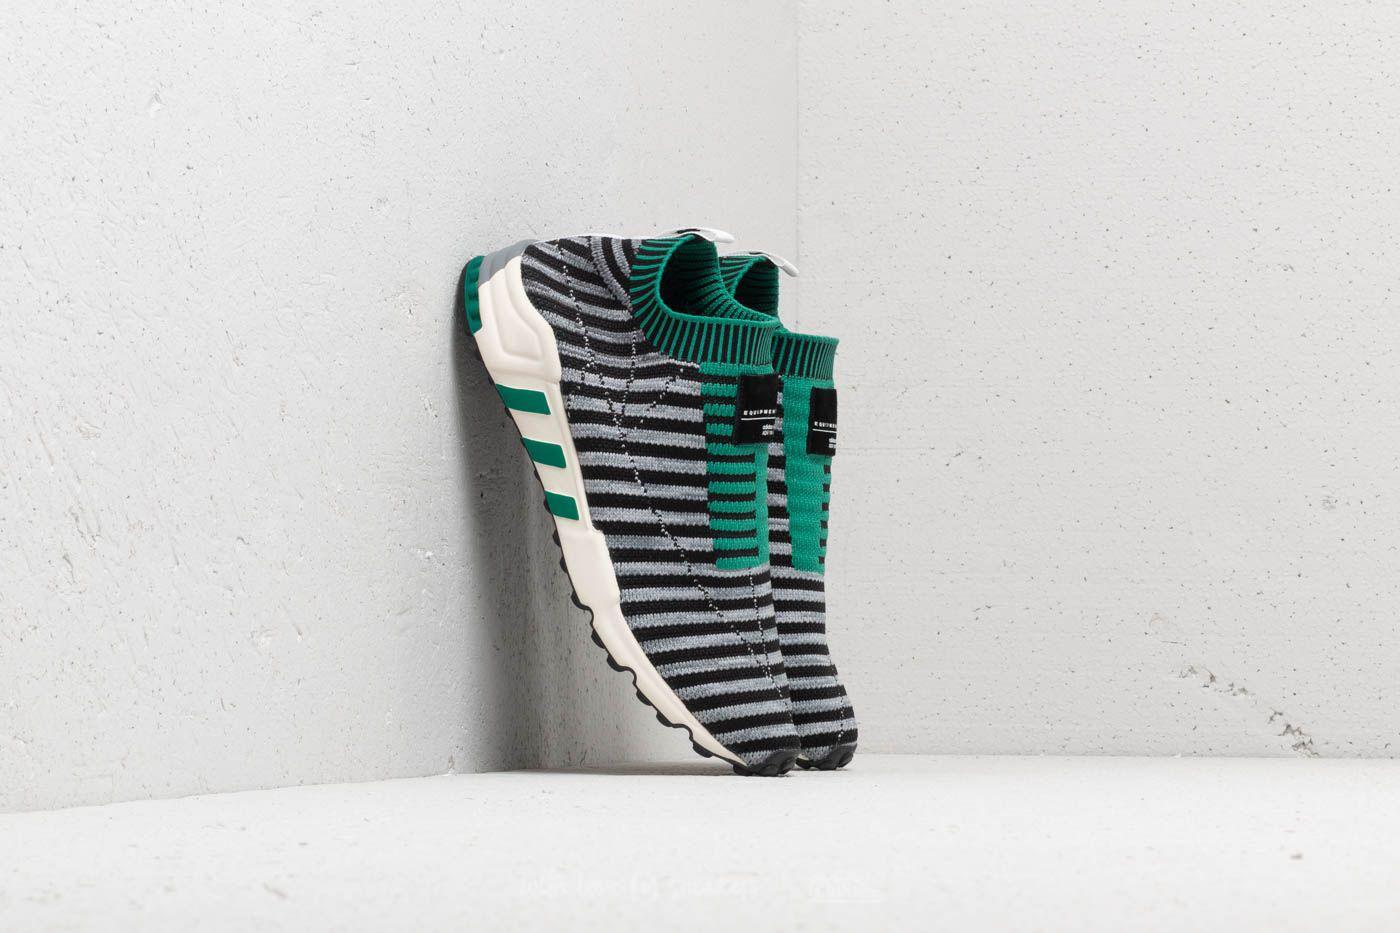 adidas Adidas EQT Support SK Primeknit Core Black/ Grey One/ Sub 6SzvHV2Hyr